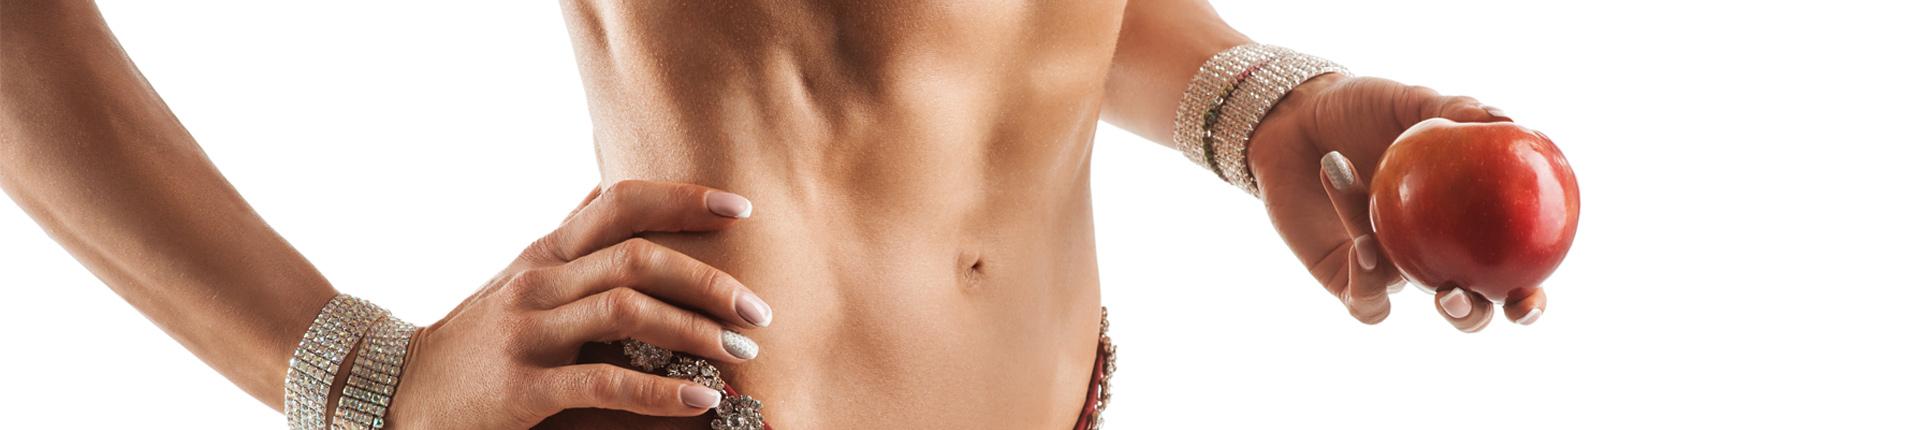 Co jeść, żeby schudnąć? 15 najlepszych produktów żywnościowych